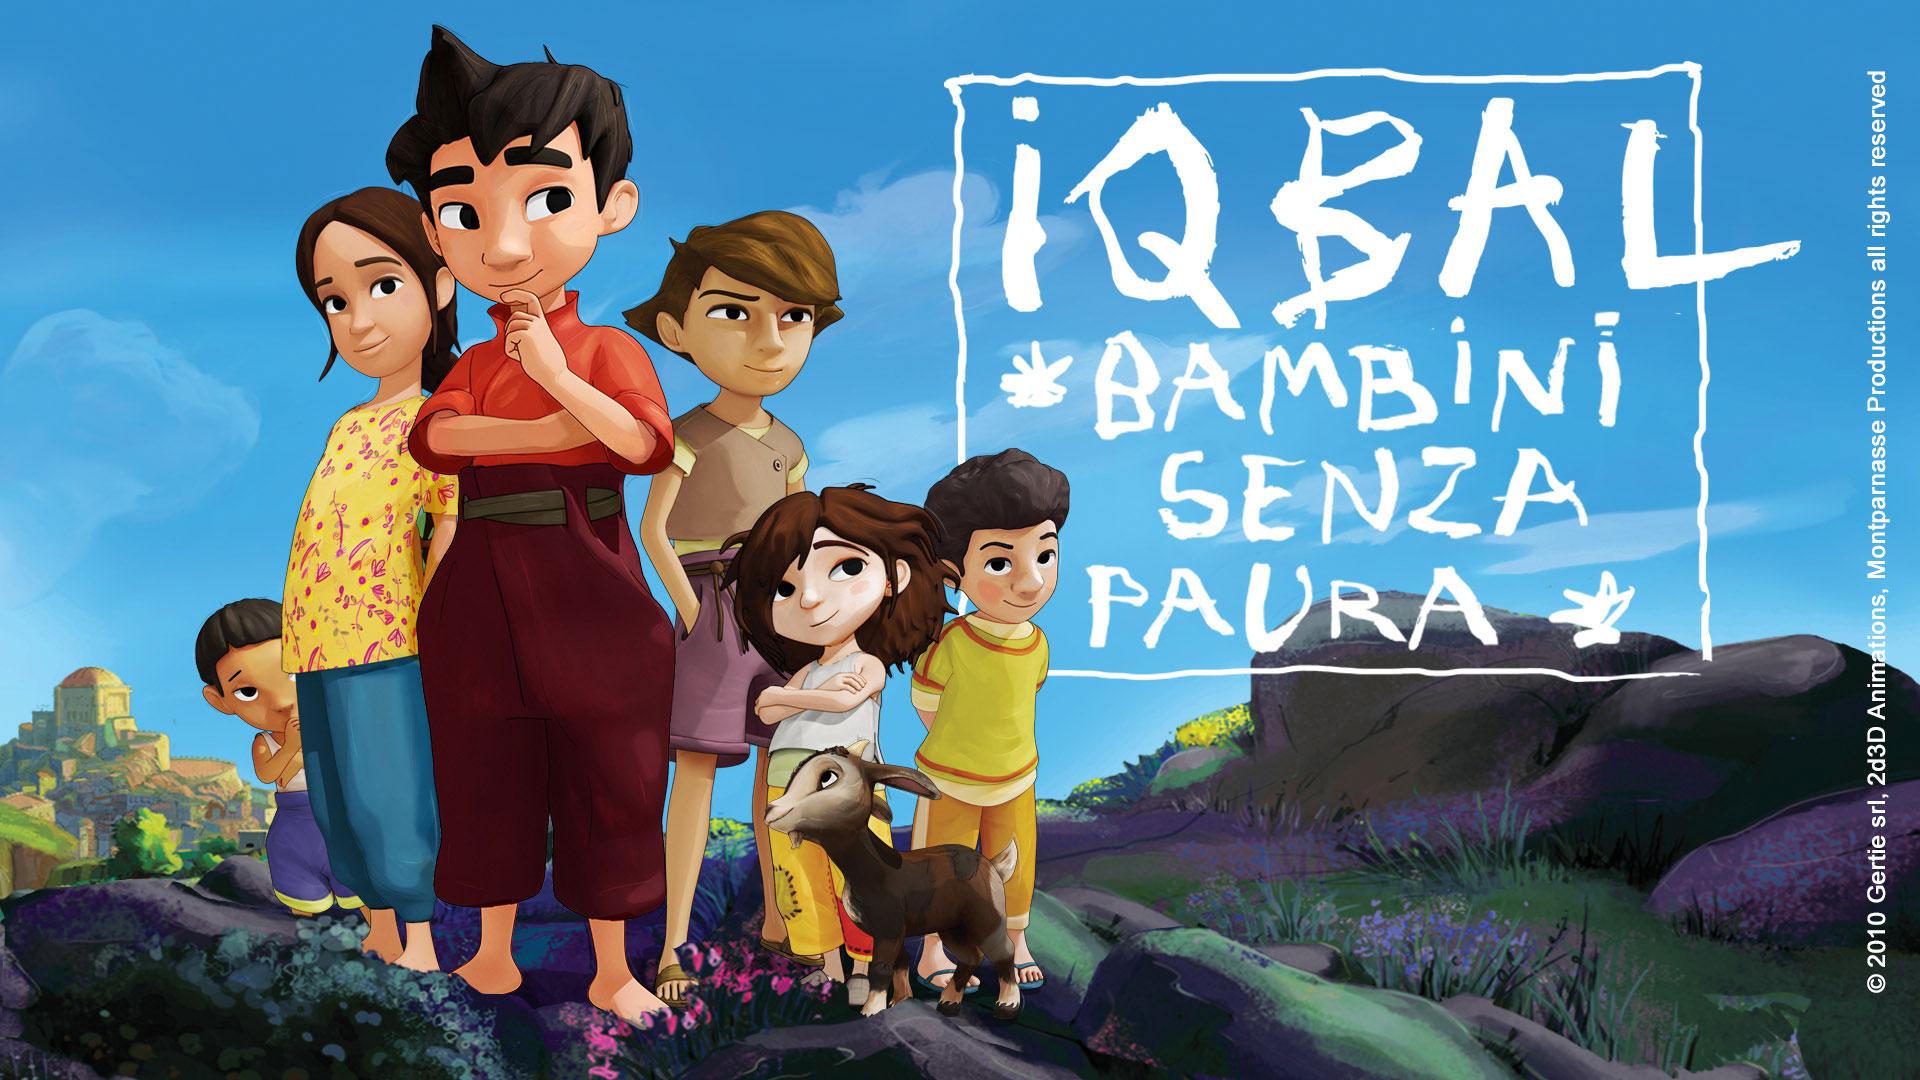 Iqbal, bambini senza paura (Iqbal , a tale of a fearless child)